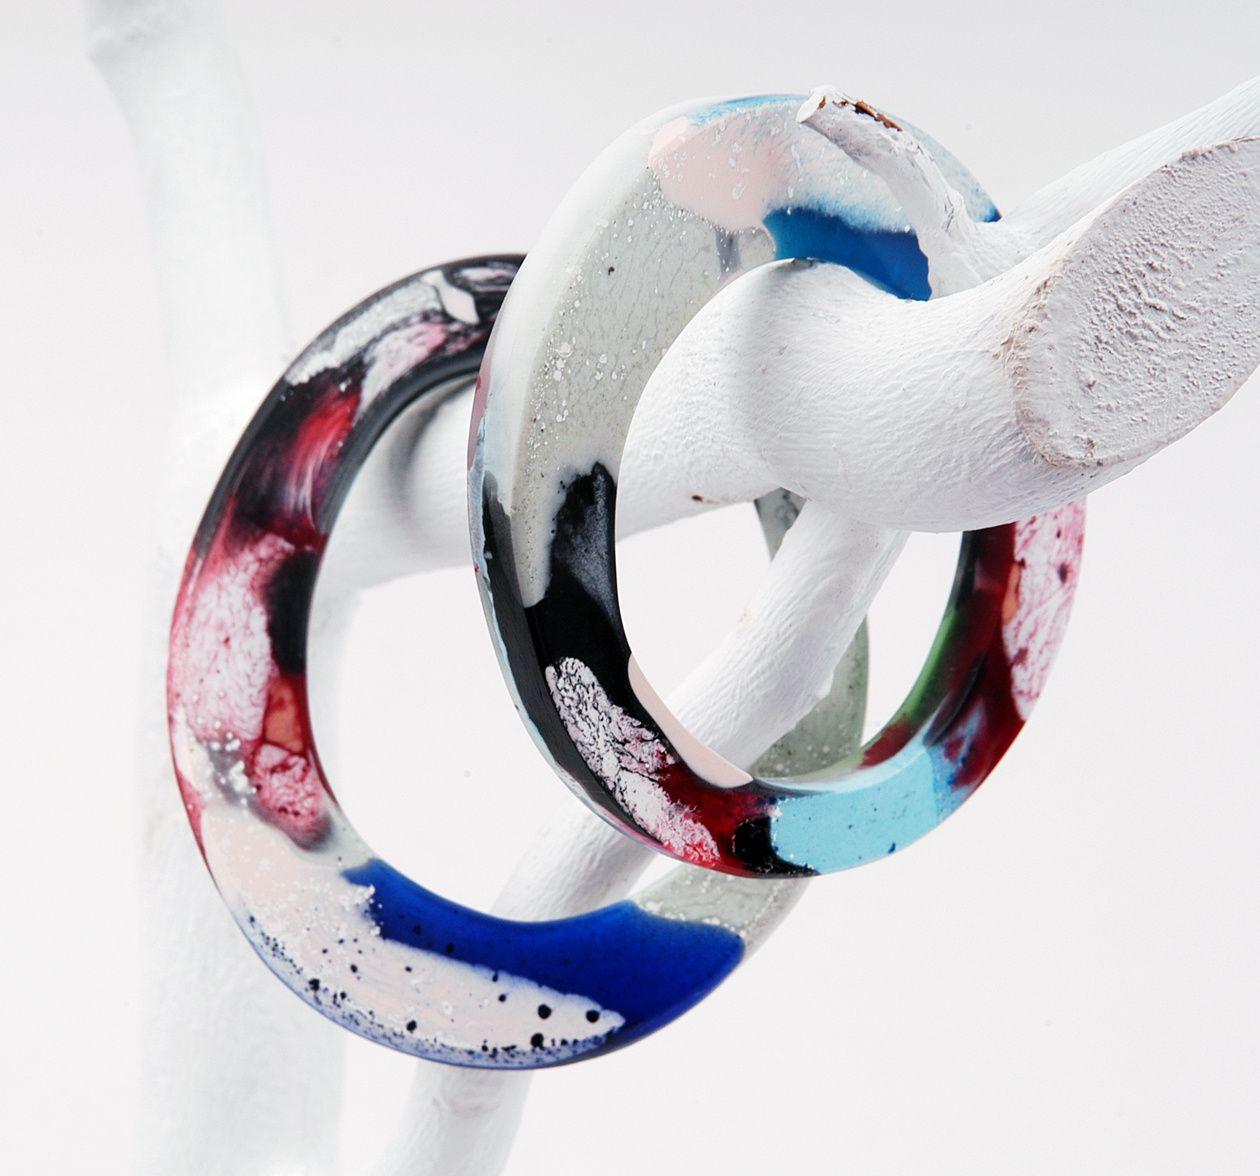 Gleiche Form, aber mit opaken Farben in Flecken gearbeitetes Armreifen-Set aus Harz von Edna Mo.